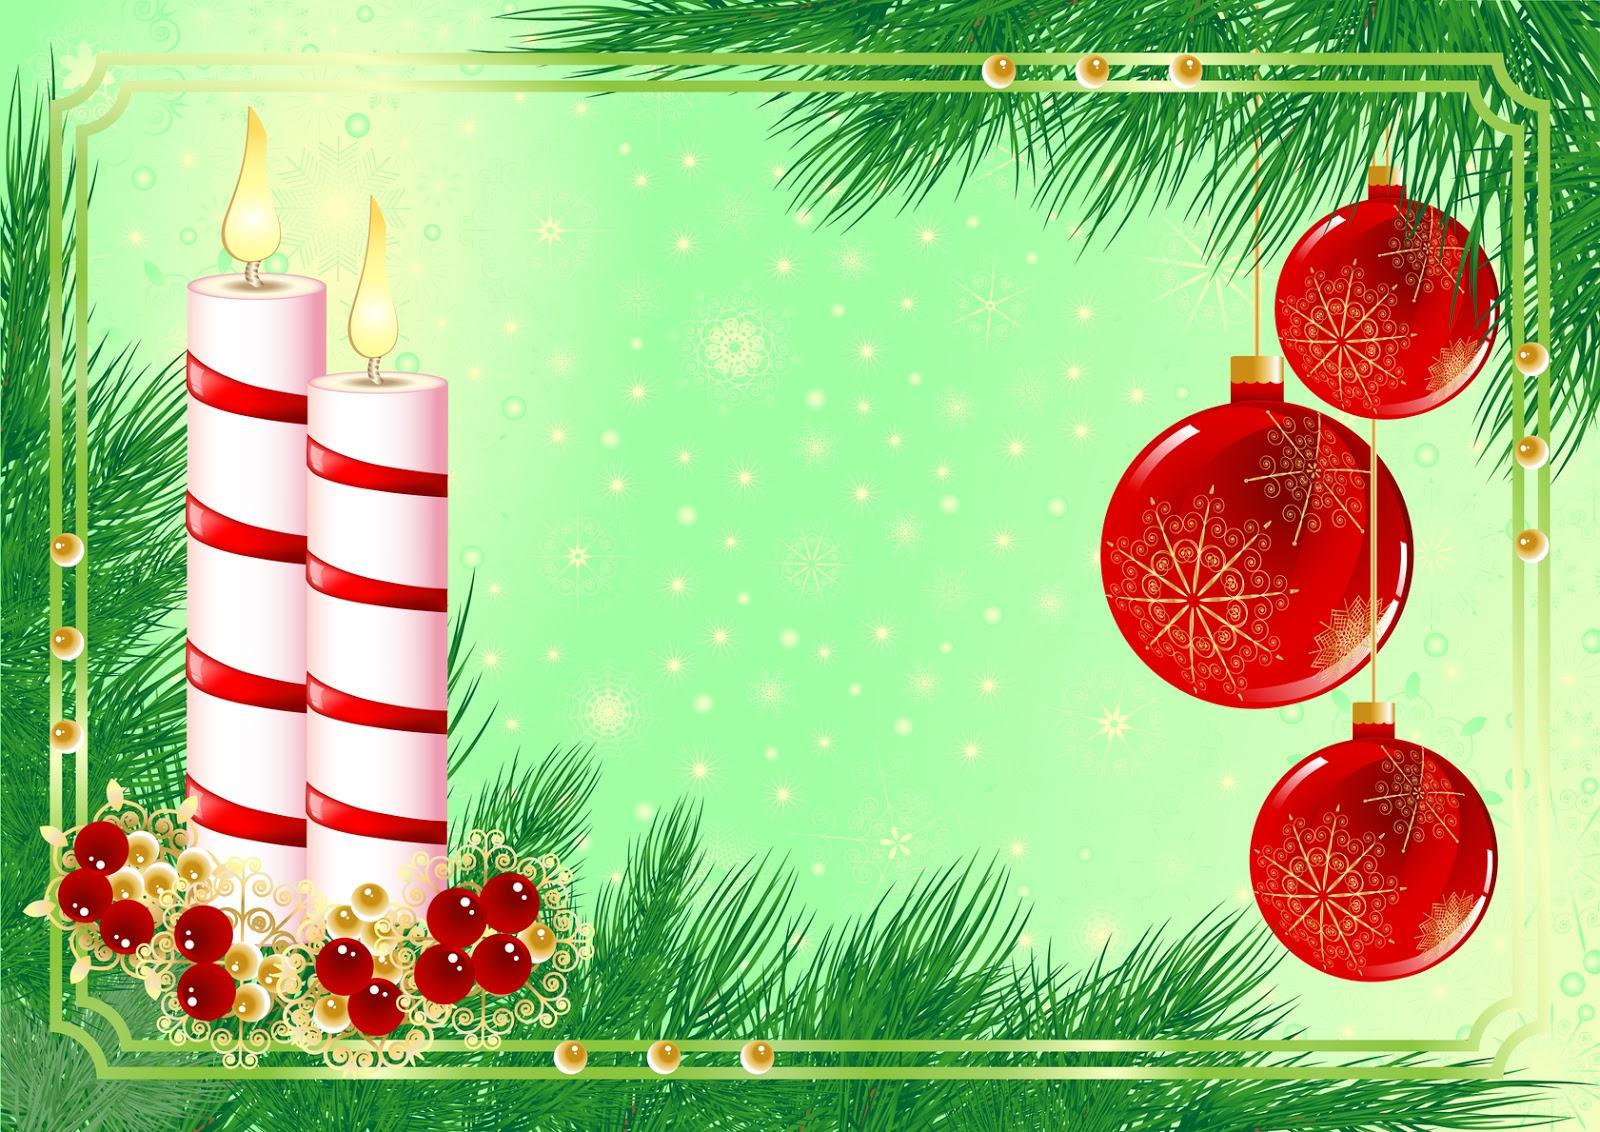 Aqui Hay Imagenes Bonitas De Navidad Para Fondo De: BANCO DE IMÁGENES: Primera Colección De Imágenes Para